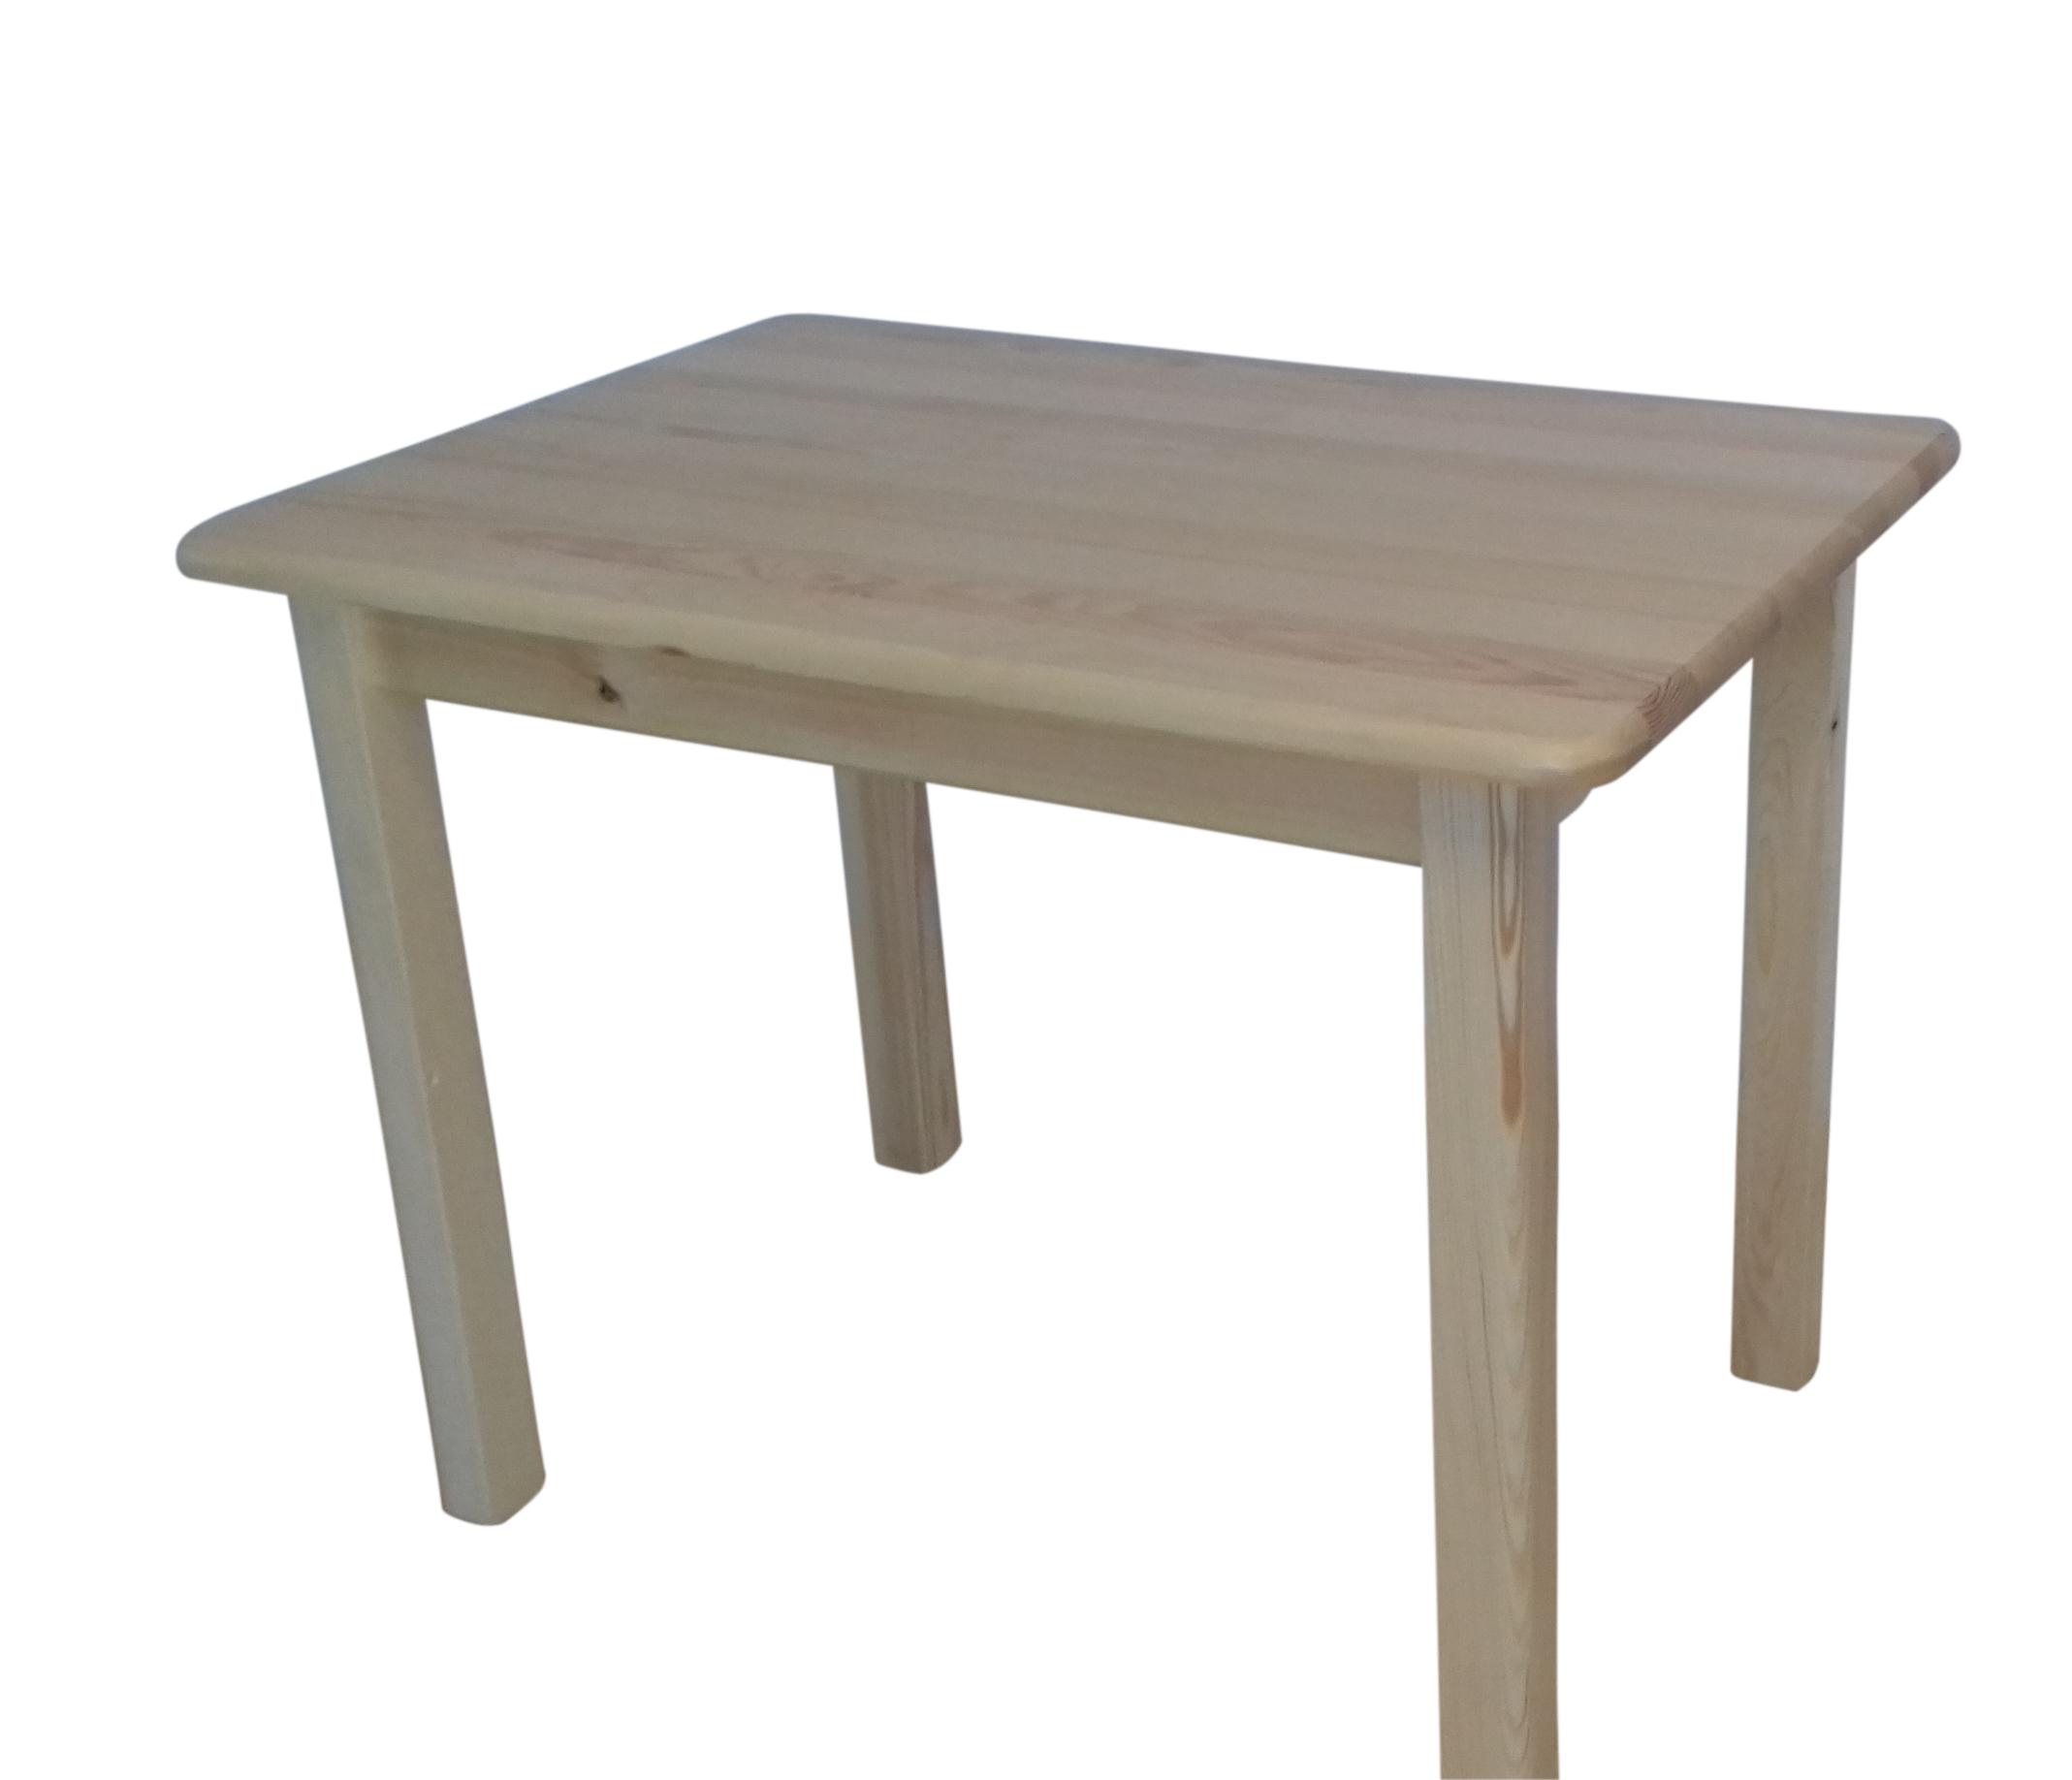 Tabuľka drevené borovica 100x50 VYSOKÁ KVALITA farieb